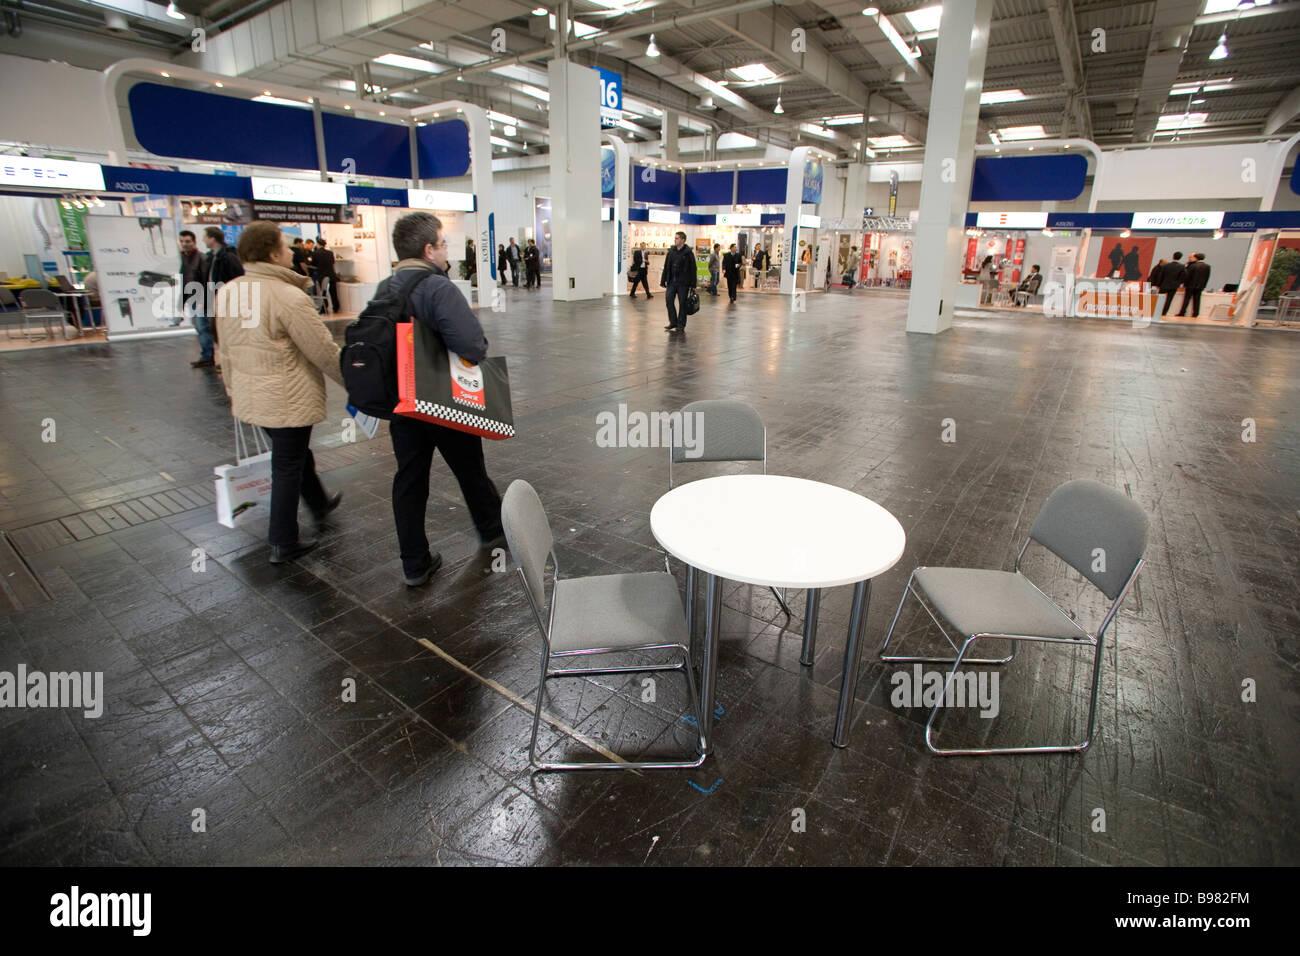 CeBIT en raison de la crise économique divers pavillons juste ne sont pas complètement occupé avec Photo Stock